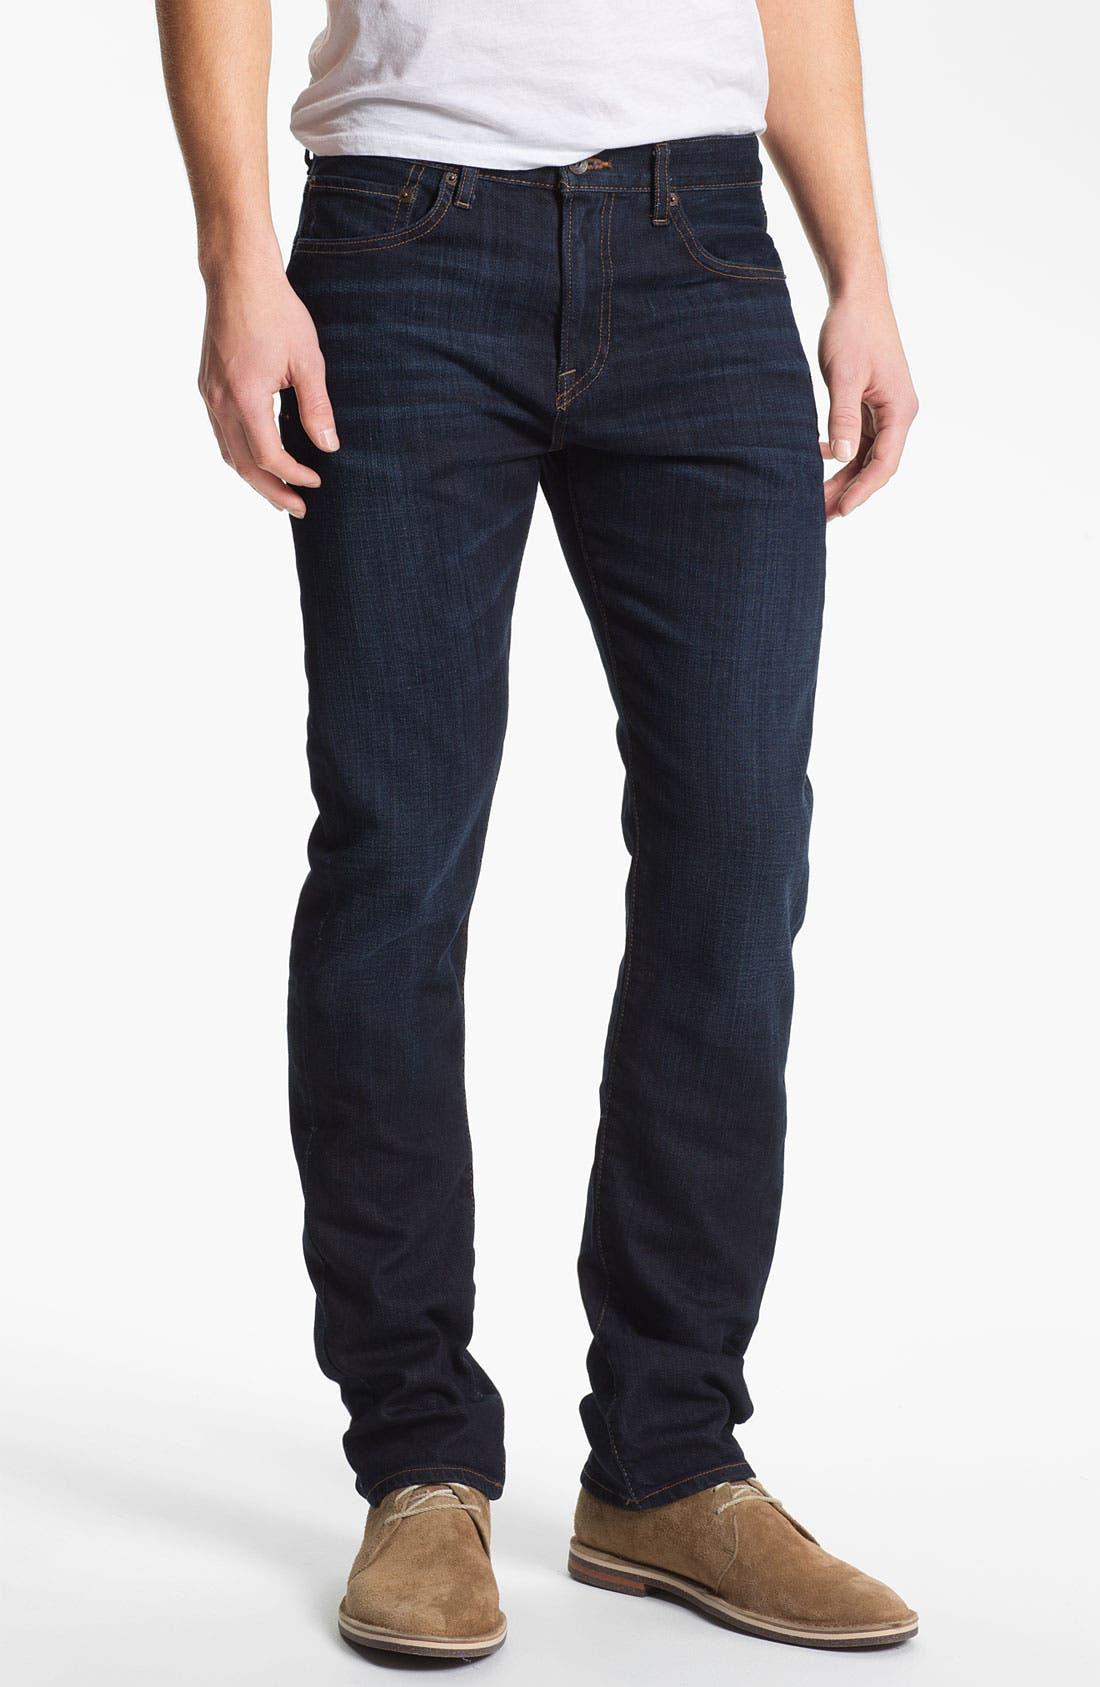 Main Image - Lucky Brand 'Dean' Straight Leg Jeans (Dark Stevie) (Online Only)